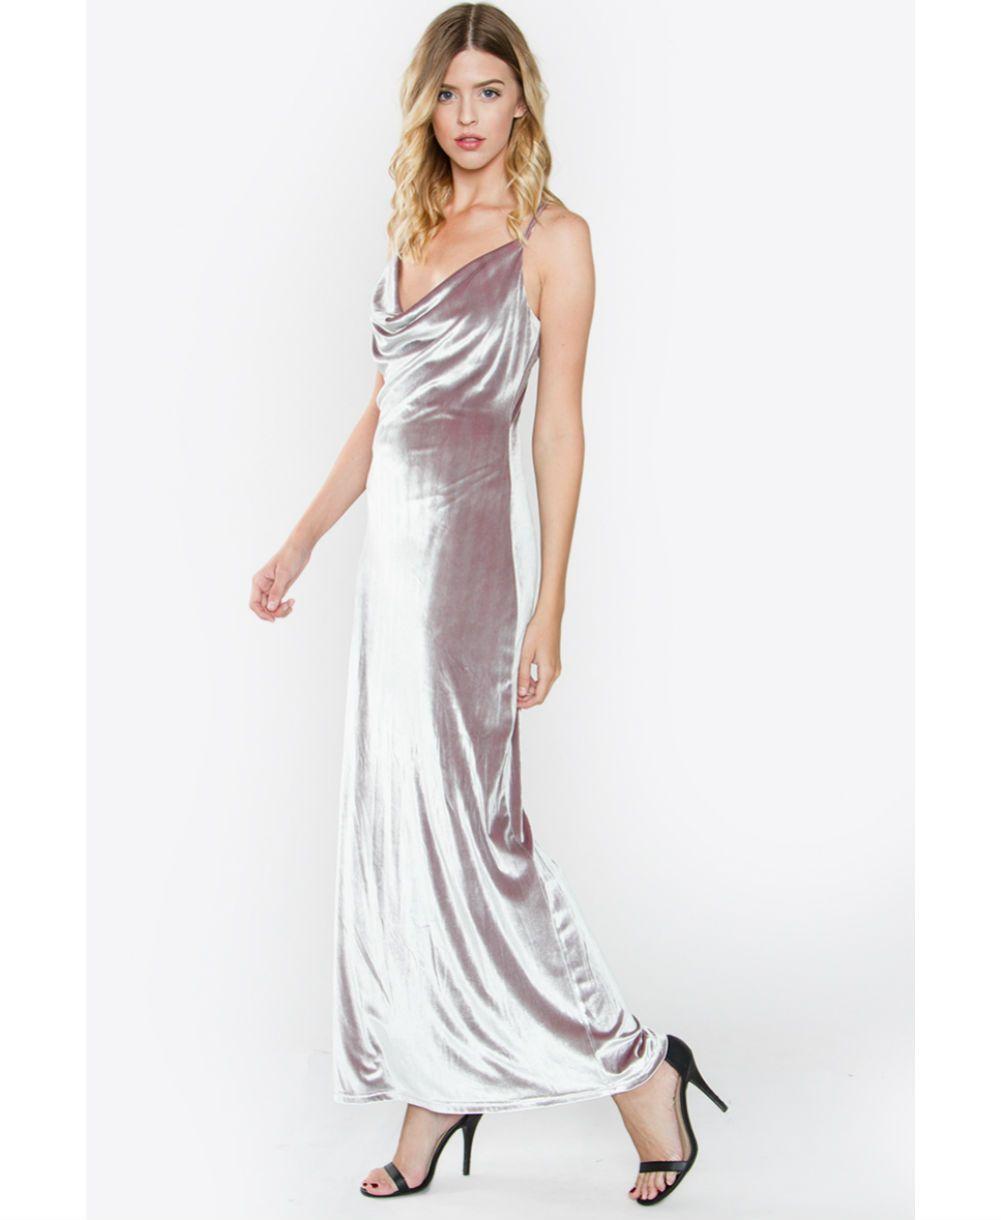 Ziemlich Größe 18 Partykleider Uk Zeitgenössisch - Brautkleider ...